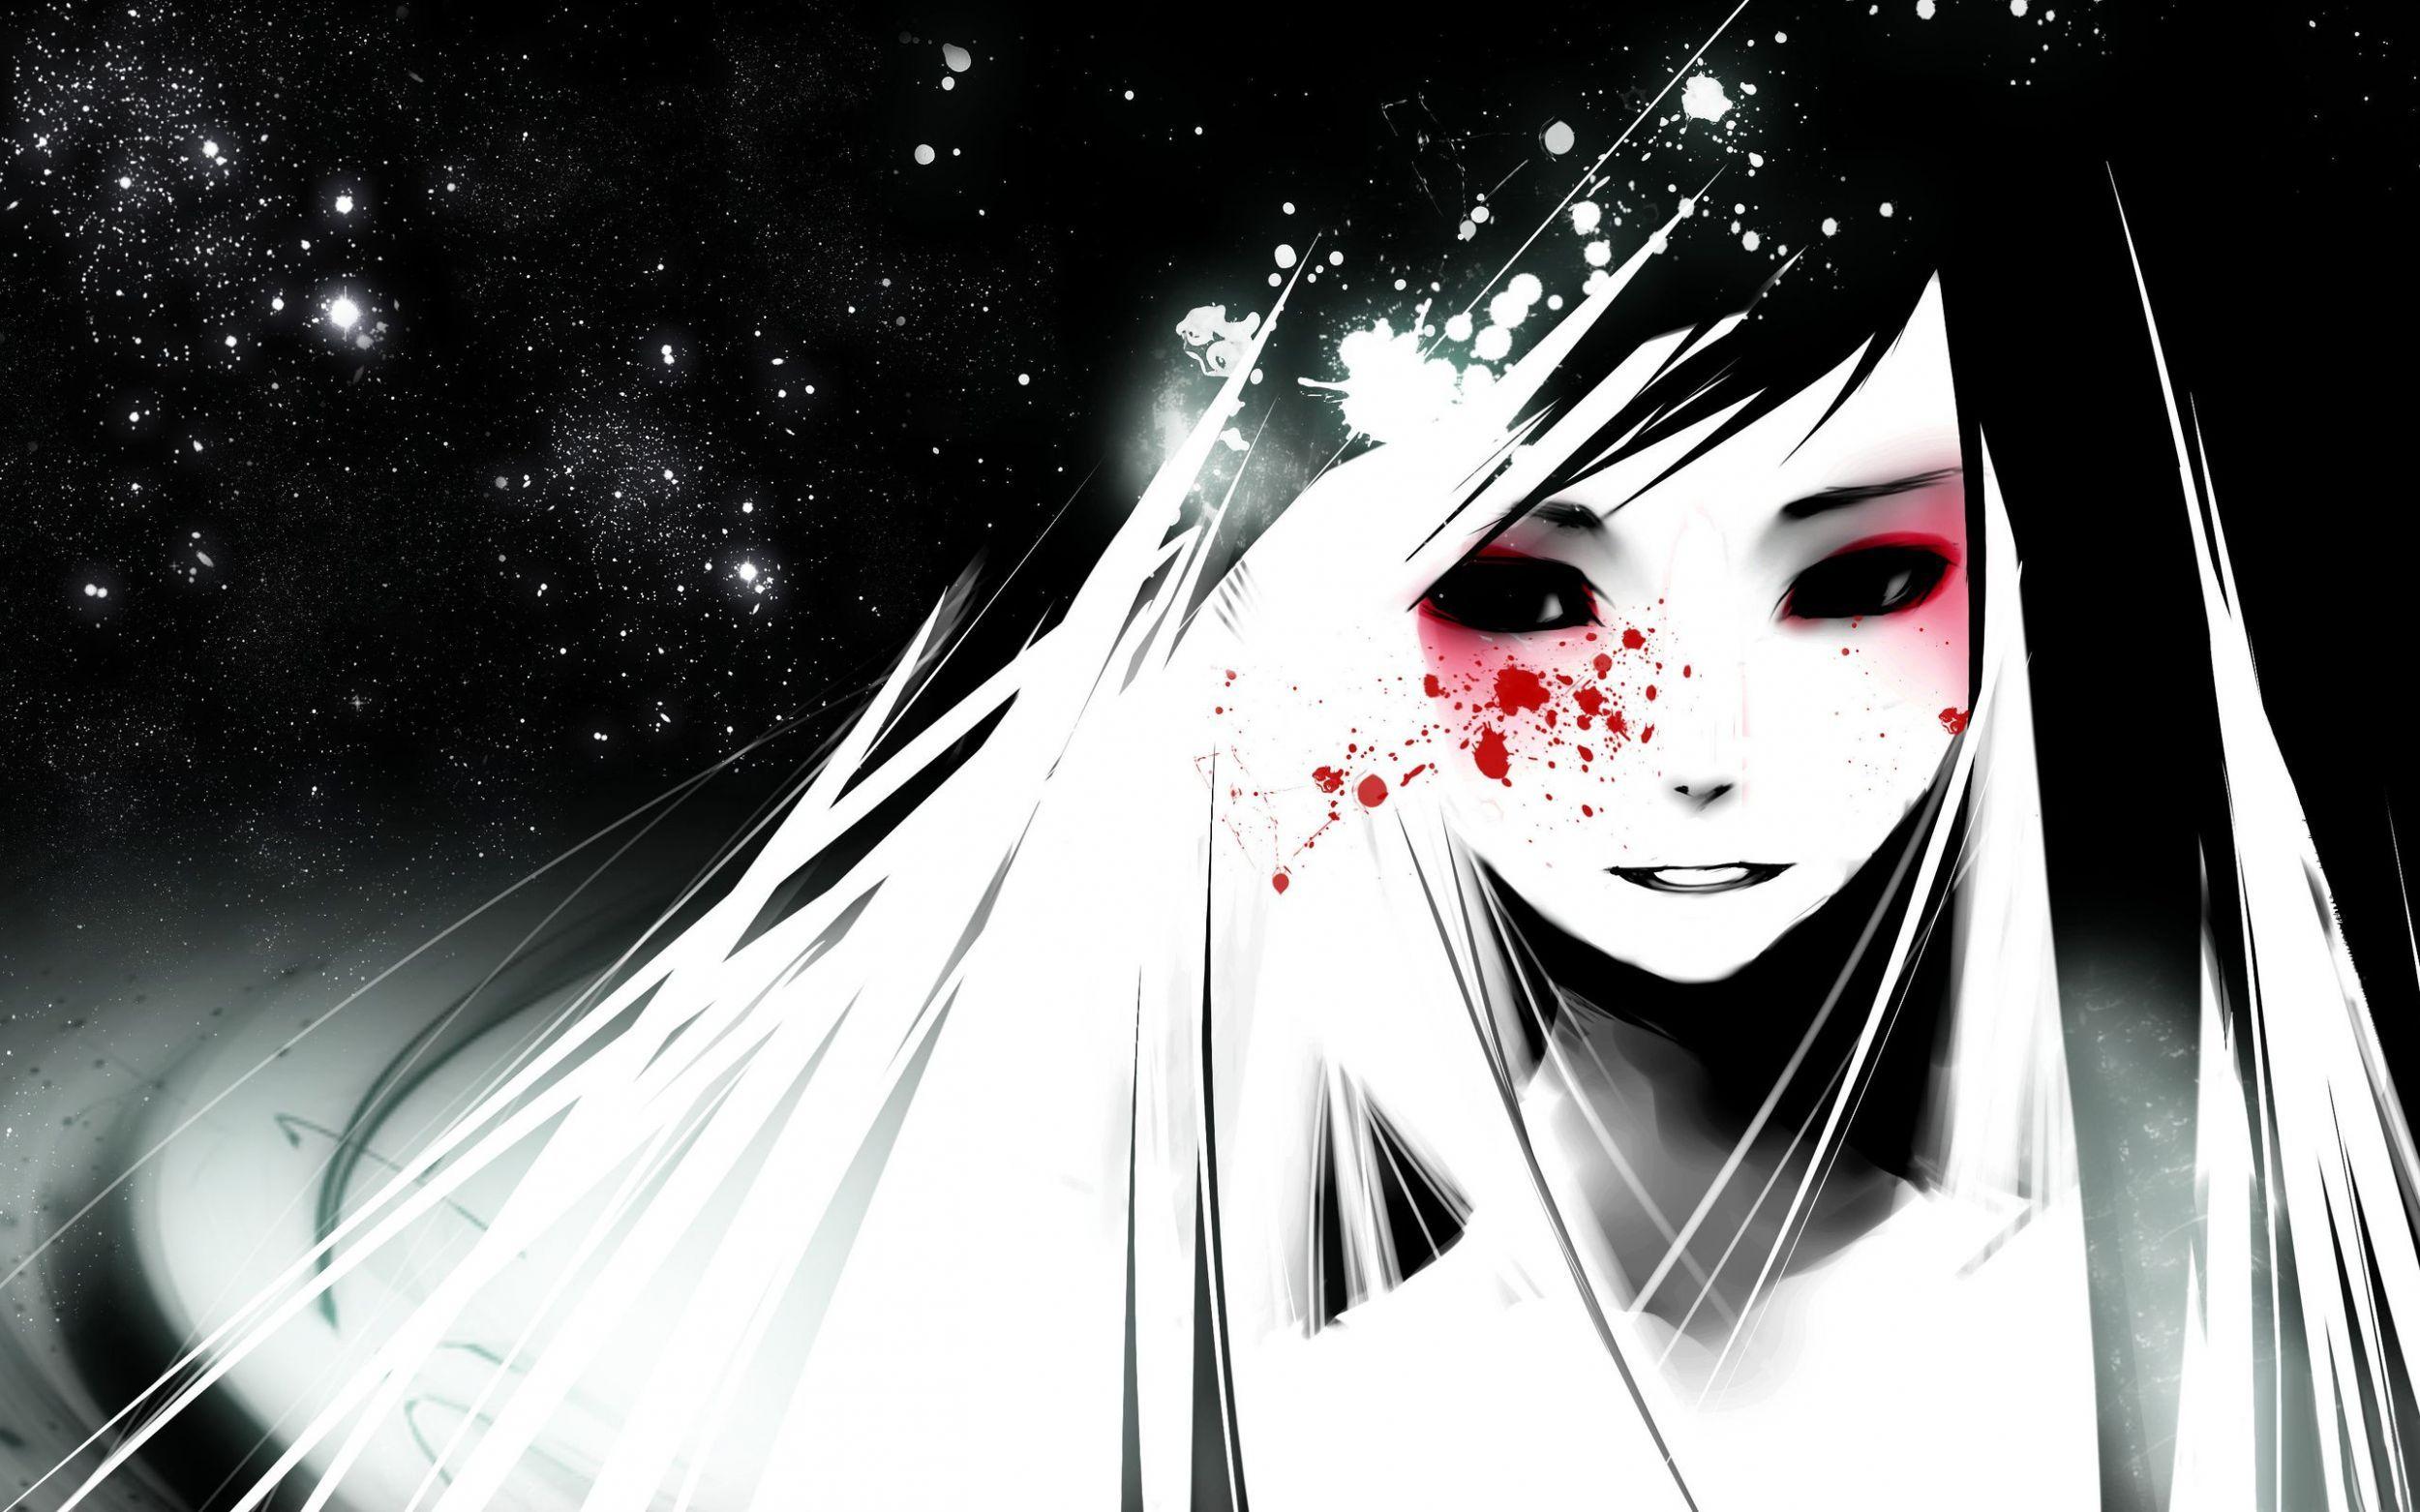 68+ Anime Wallpapers HD on WallpaperSafari